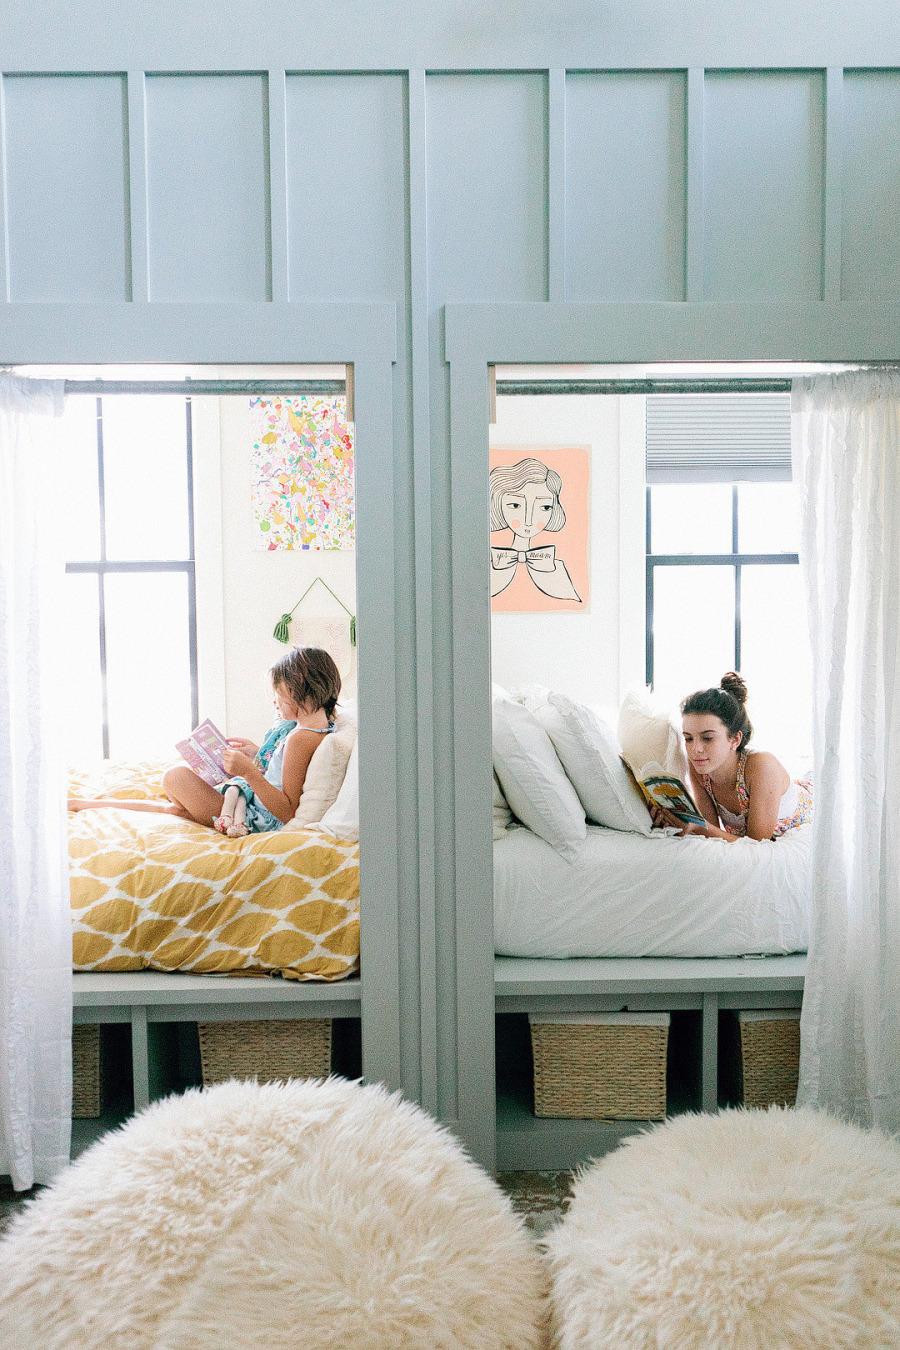 wystrój wnętrz, wnętrza, urządzanie mieszkania, dom, home decor, dekoracje, aranżacje, pokój dziecięcy